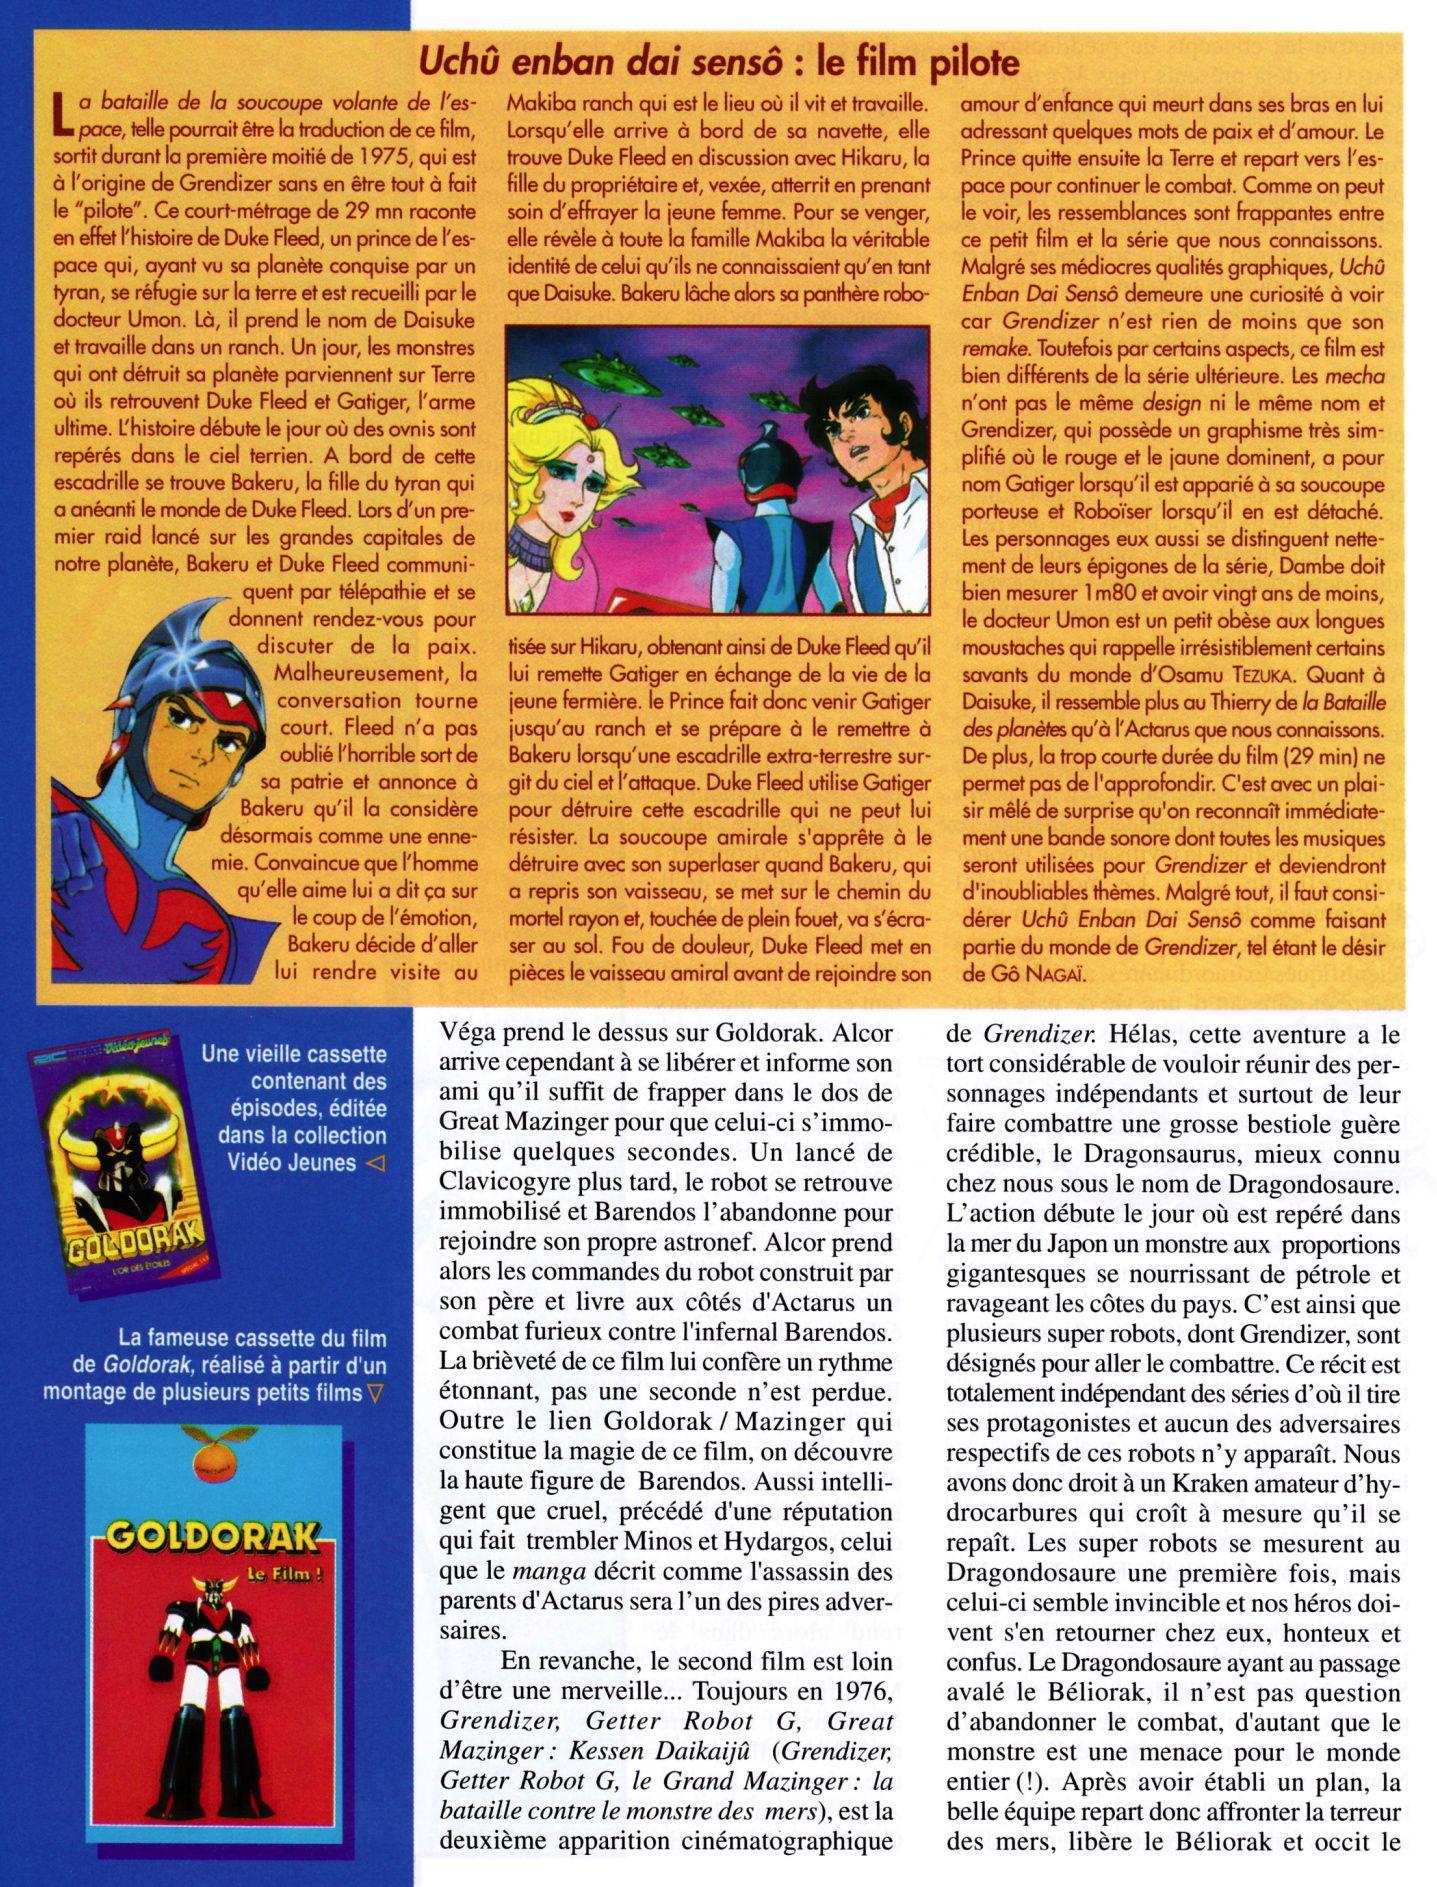 http://grenierdelatv.free.fr/2/goldorakalhs1997o.jpg